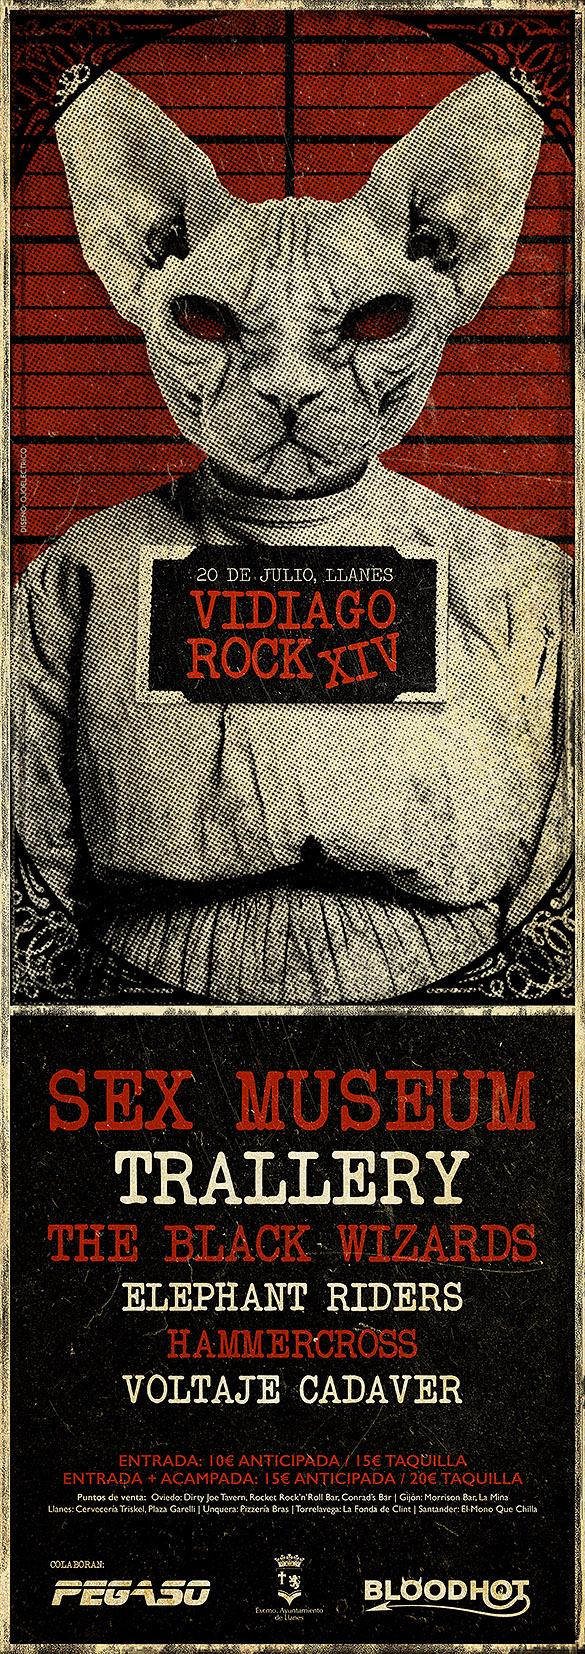 Festival Vidiago Rock XIV - 20 de julio - Llanes (Asturias) Vidiag11